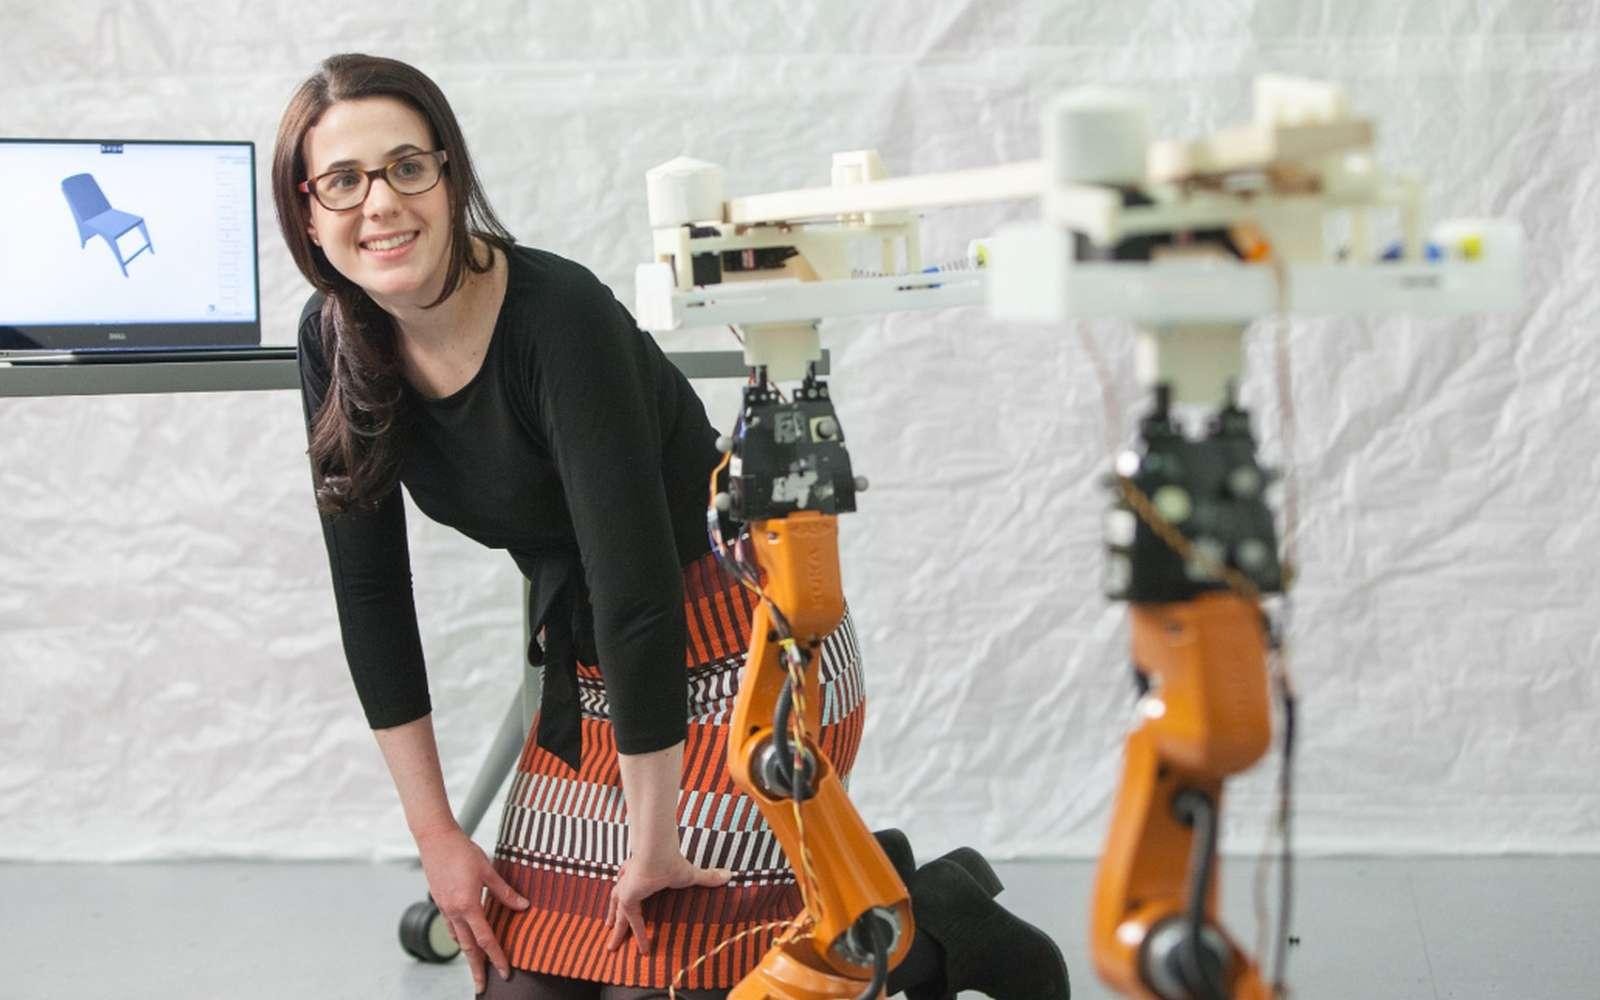 Les robots AutoSaw du MIT assurent toutes les tâches de découpage sans intervention humaine. © Jason Dorfman, MIT CSAIL